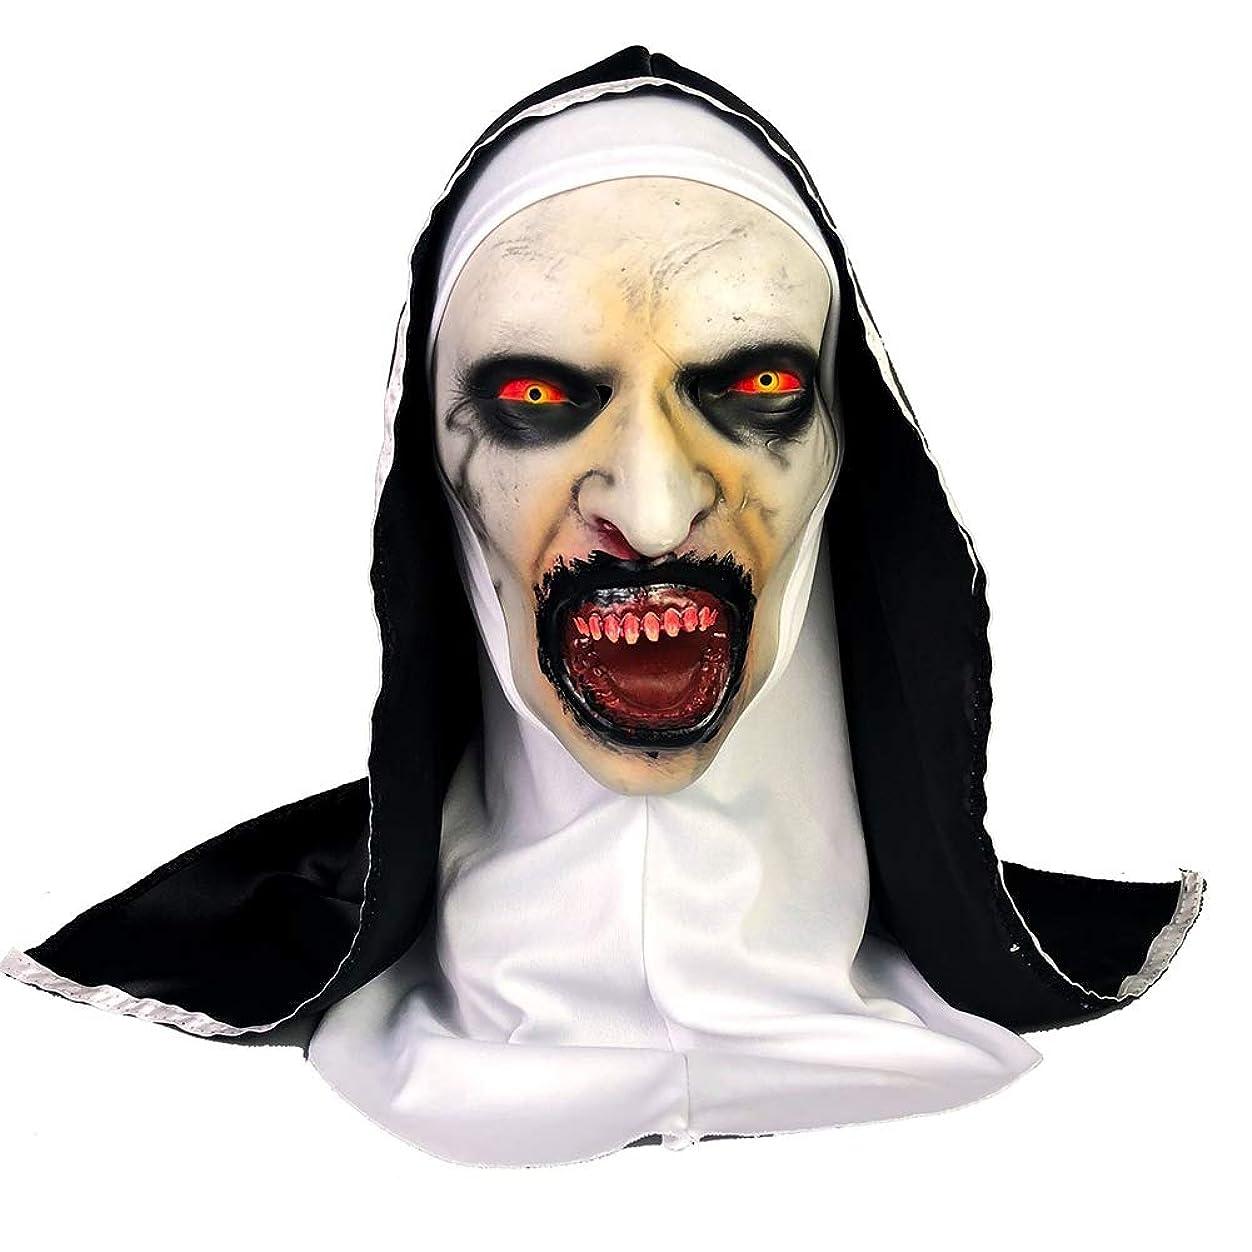 ベッド倒錯自殺KISSION ハロウィンマスク ホラーマスク ユニークなホラー修道女マスク ハロウィンコスプレドレスアップアイテム お化け屋敷パーティー用品